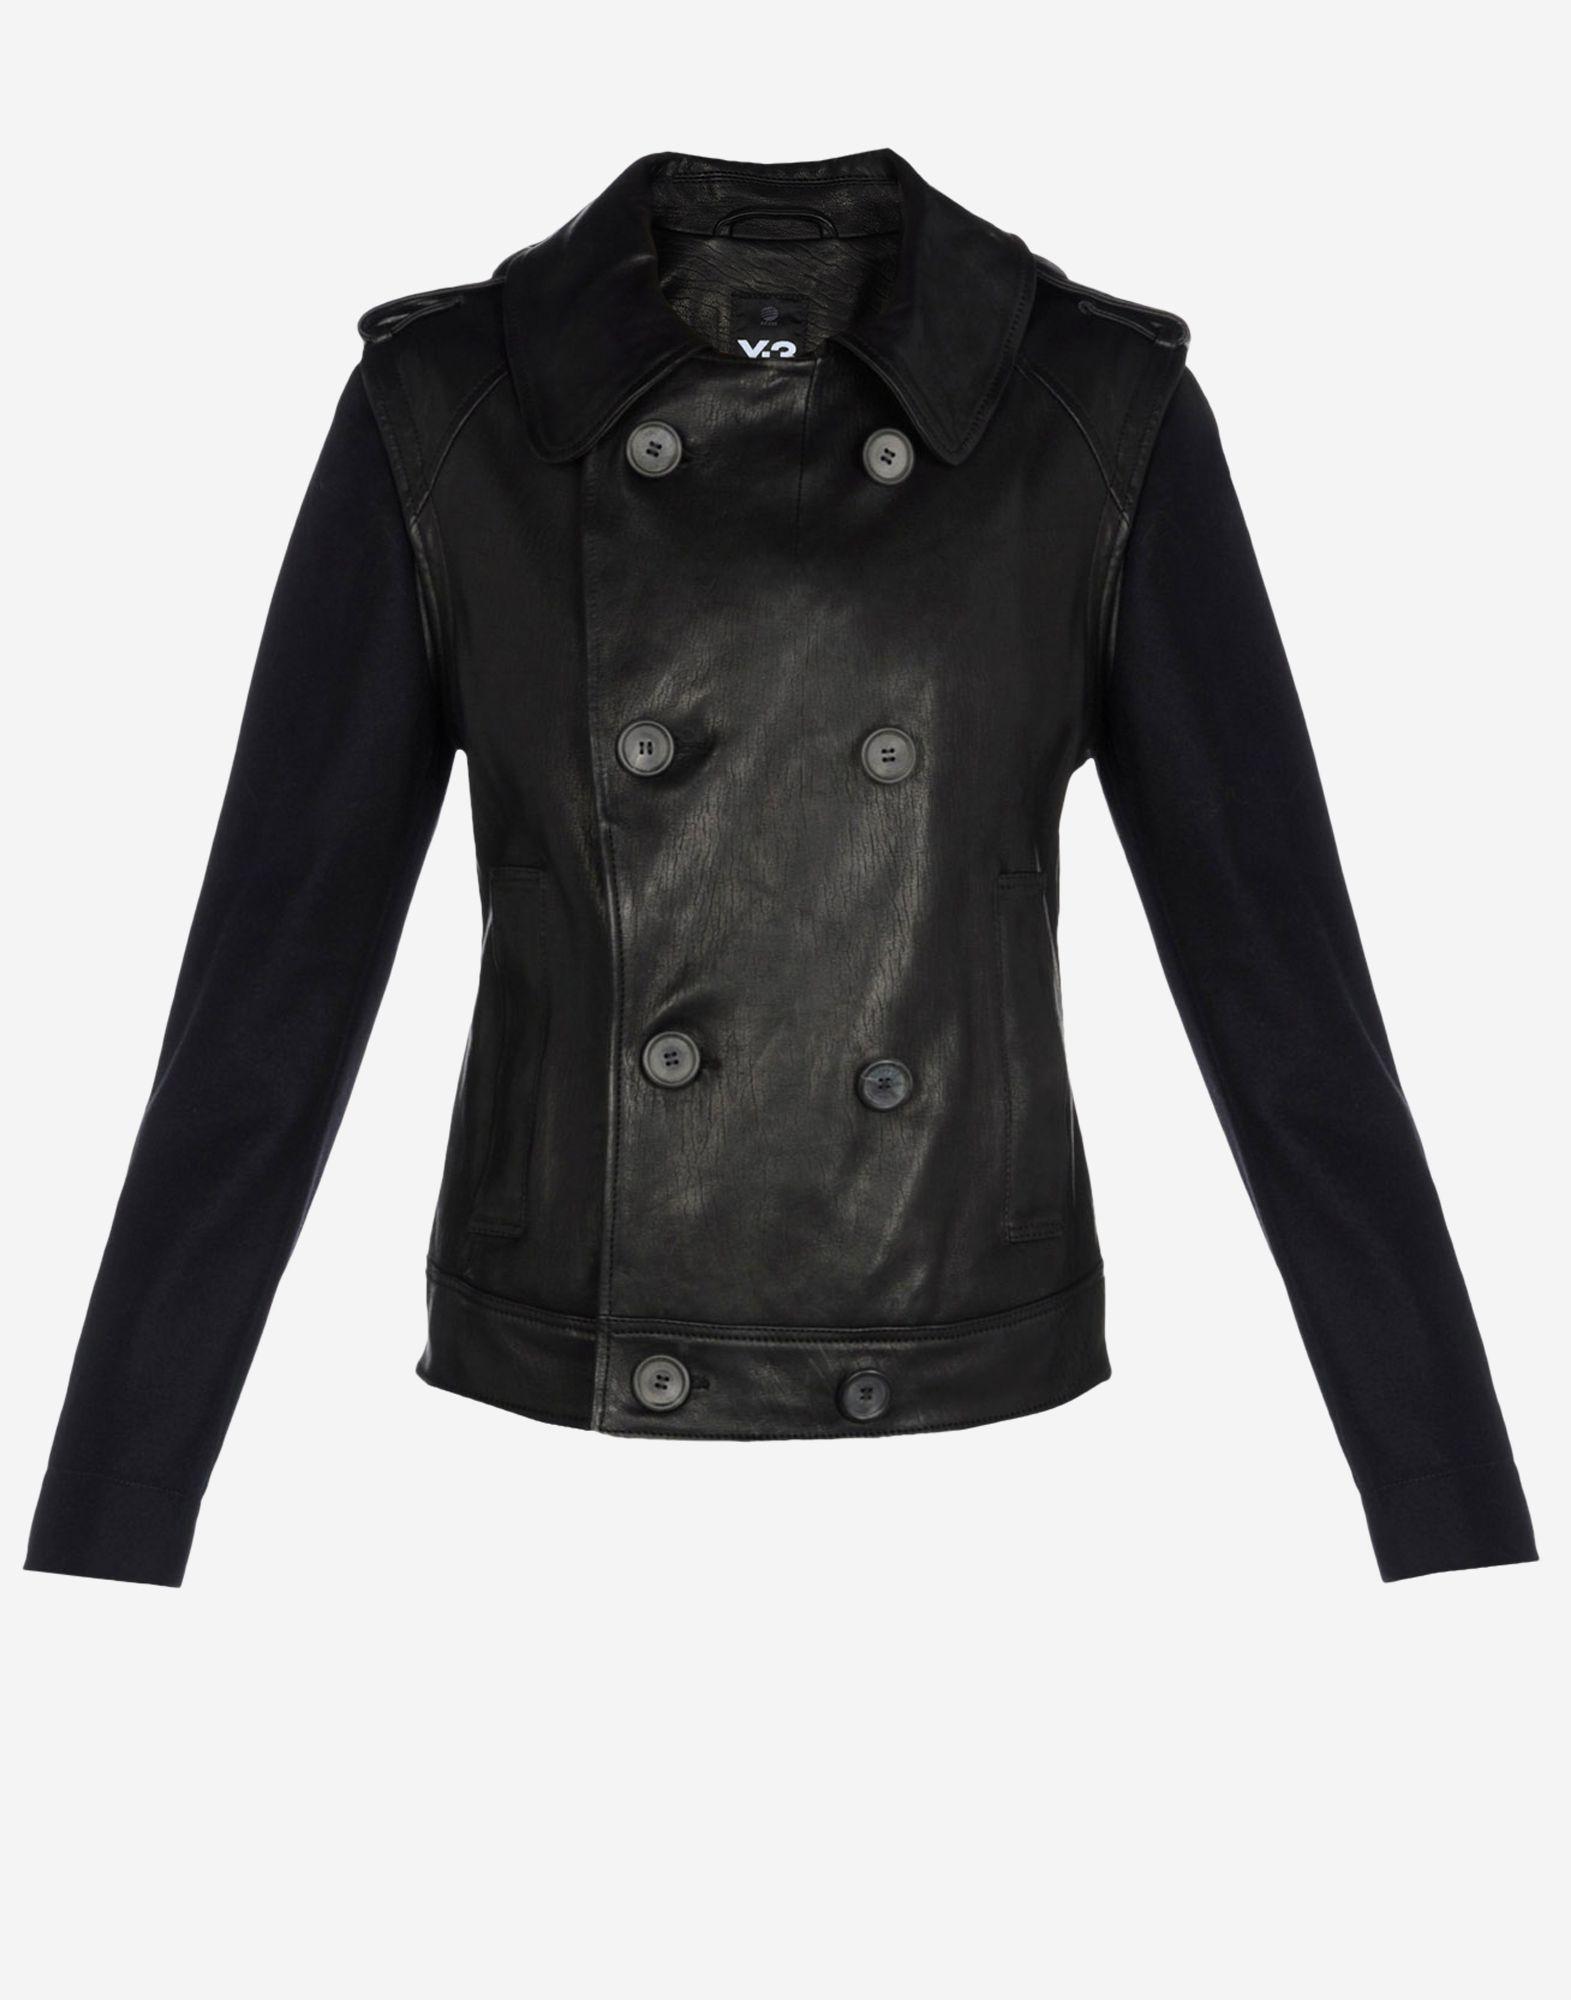 En Cuir Jacket Leather 3 Site Db Vestes Y Adidas YPqHXFwPx